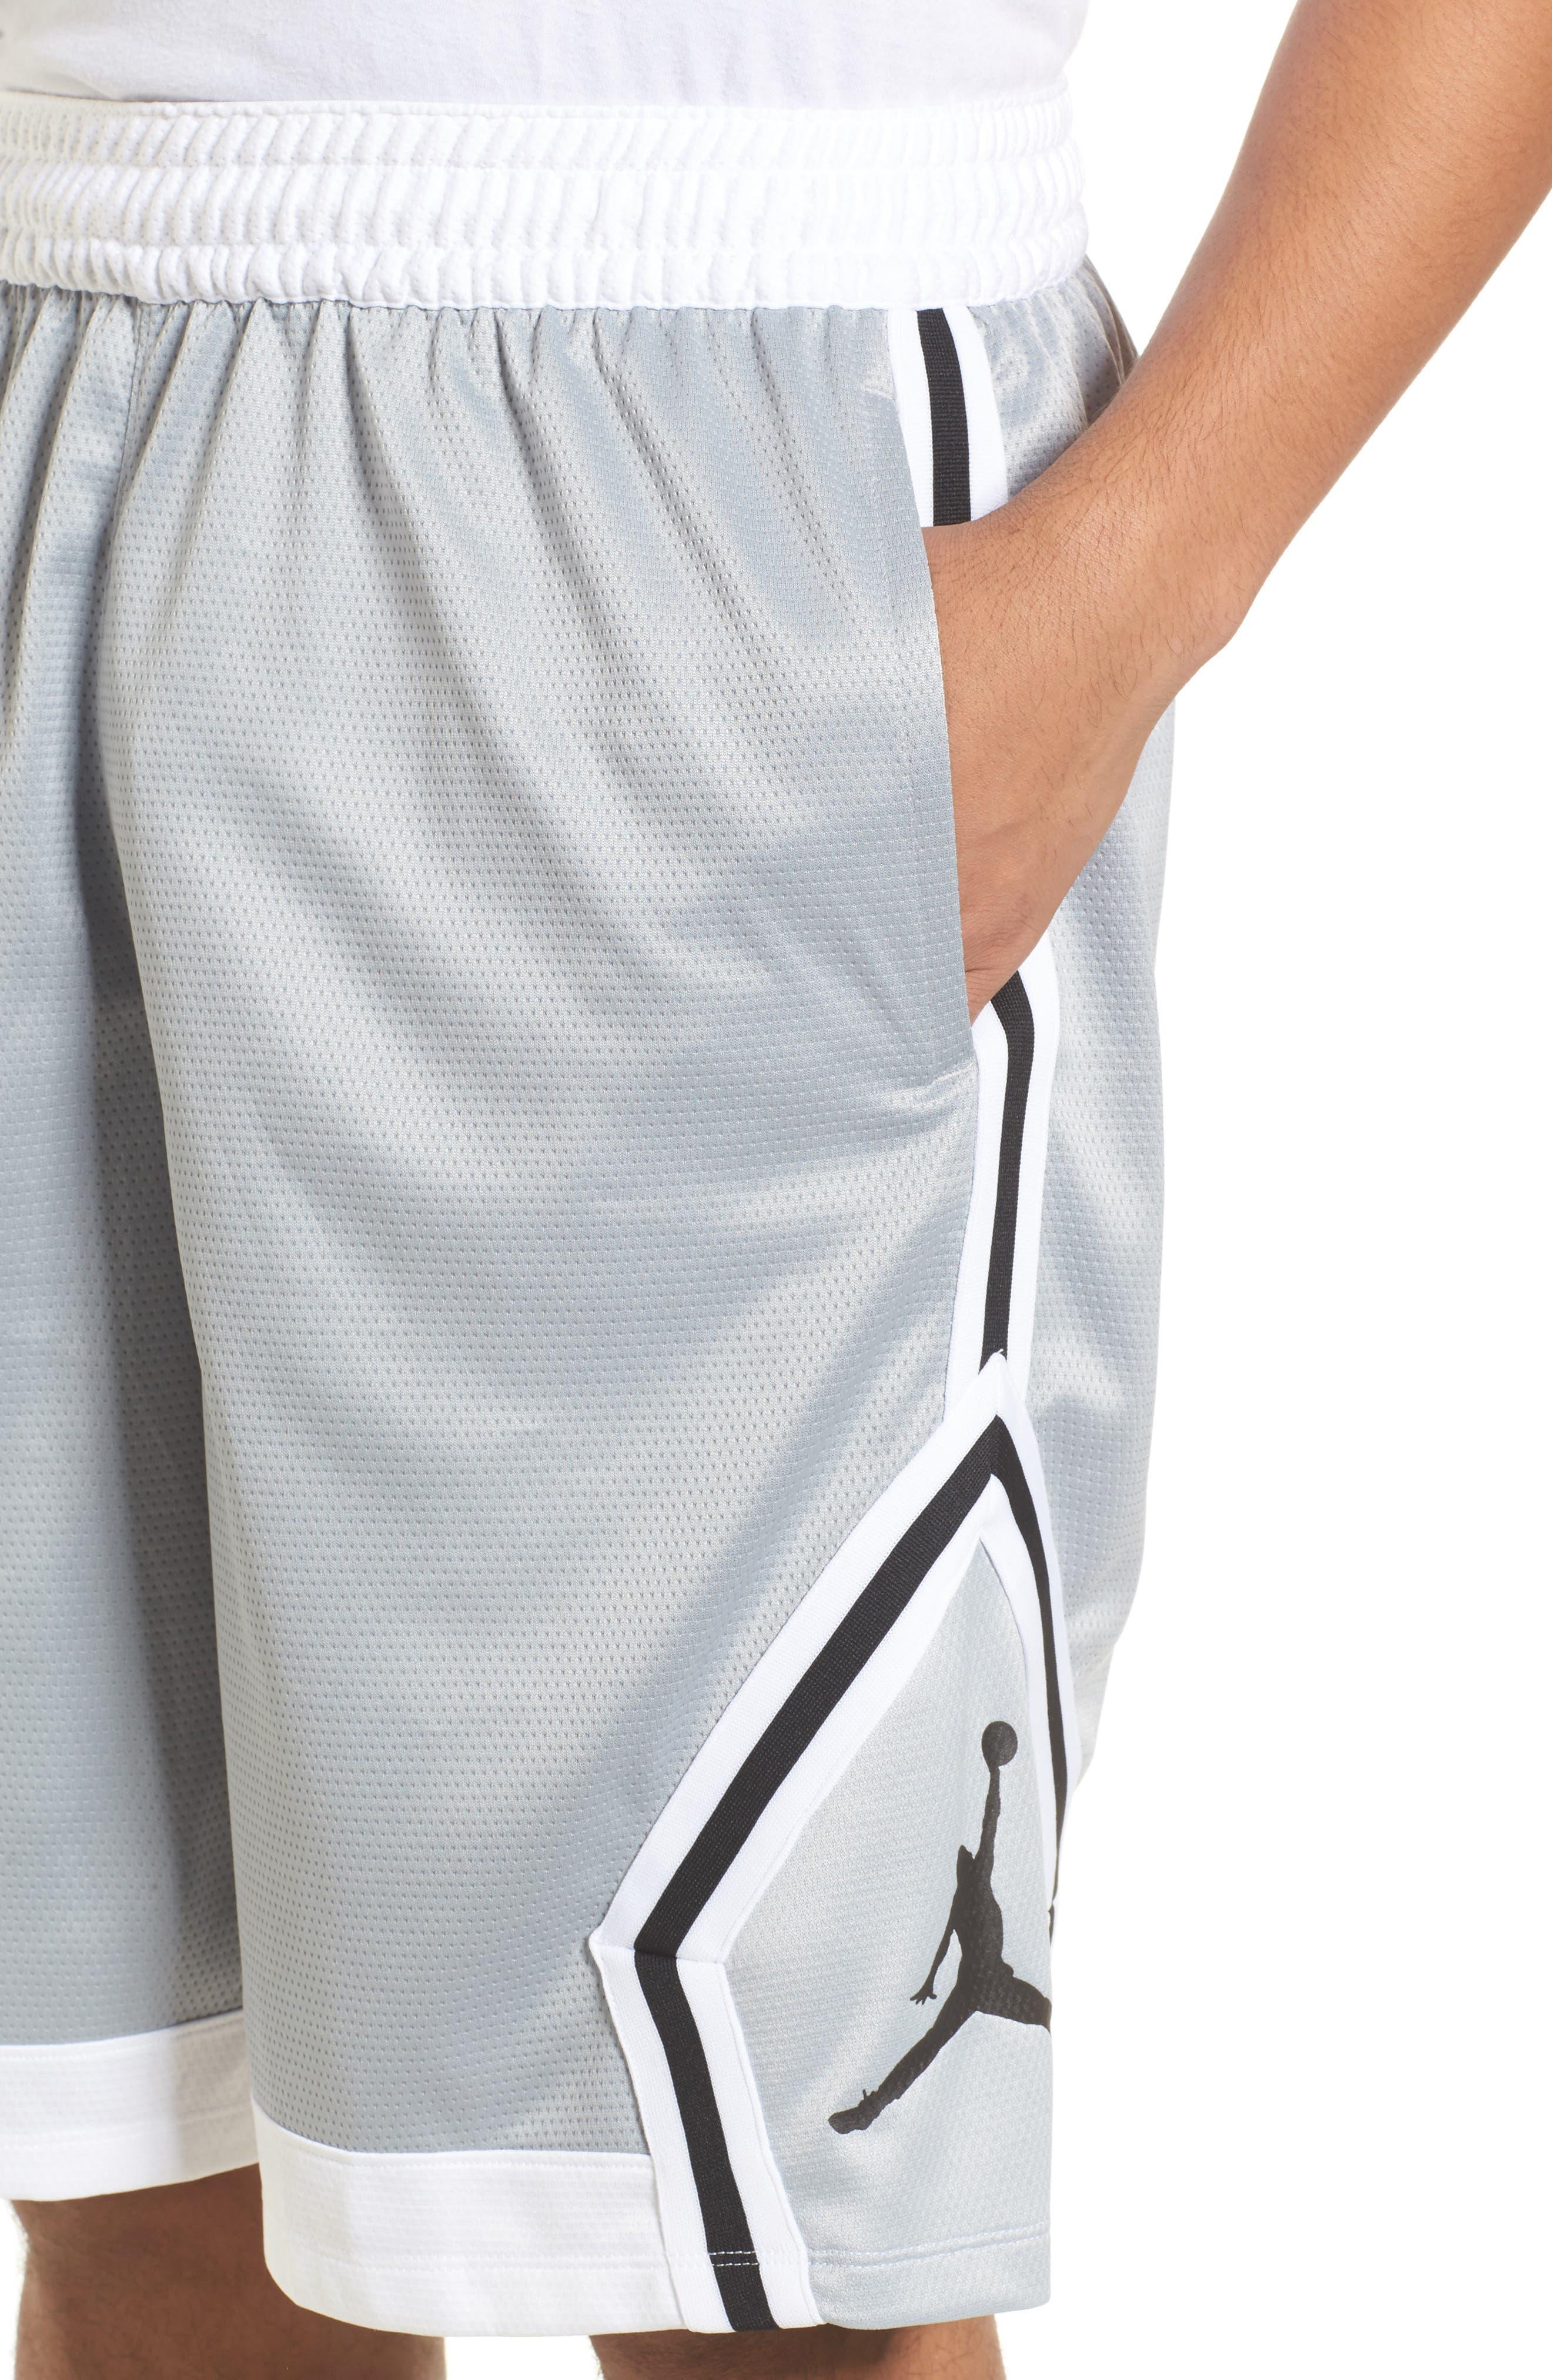 Sportswear Rise Diamond Shorts,                             Alternate thumbnail 4, color,                             011